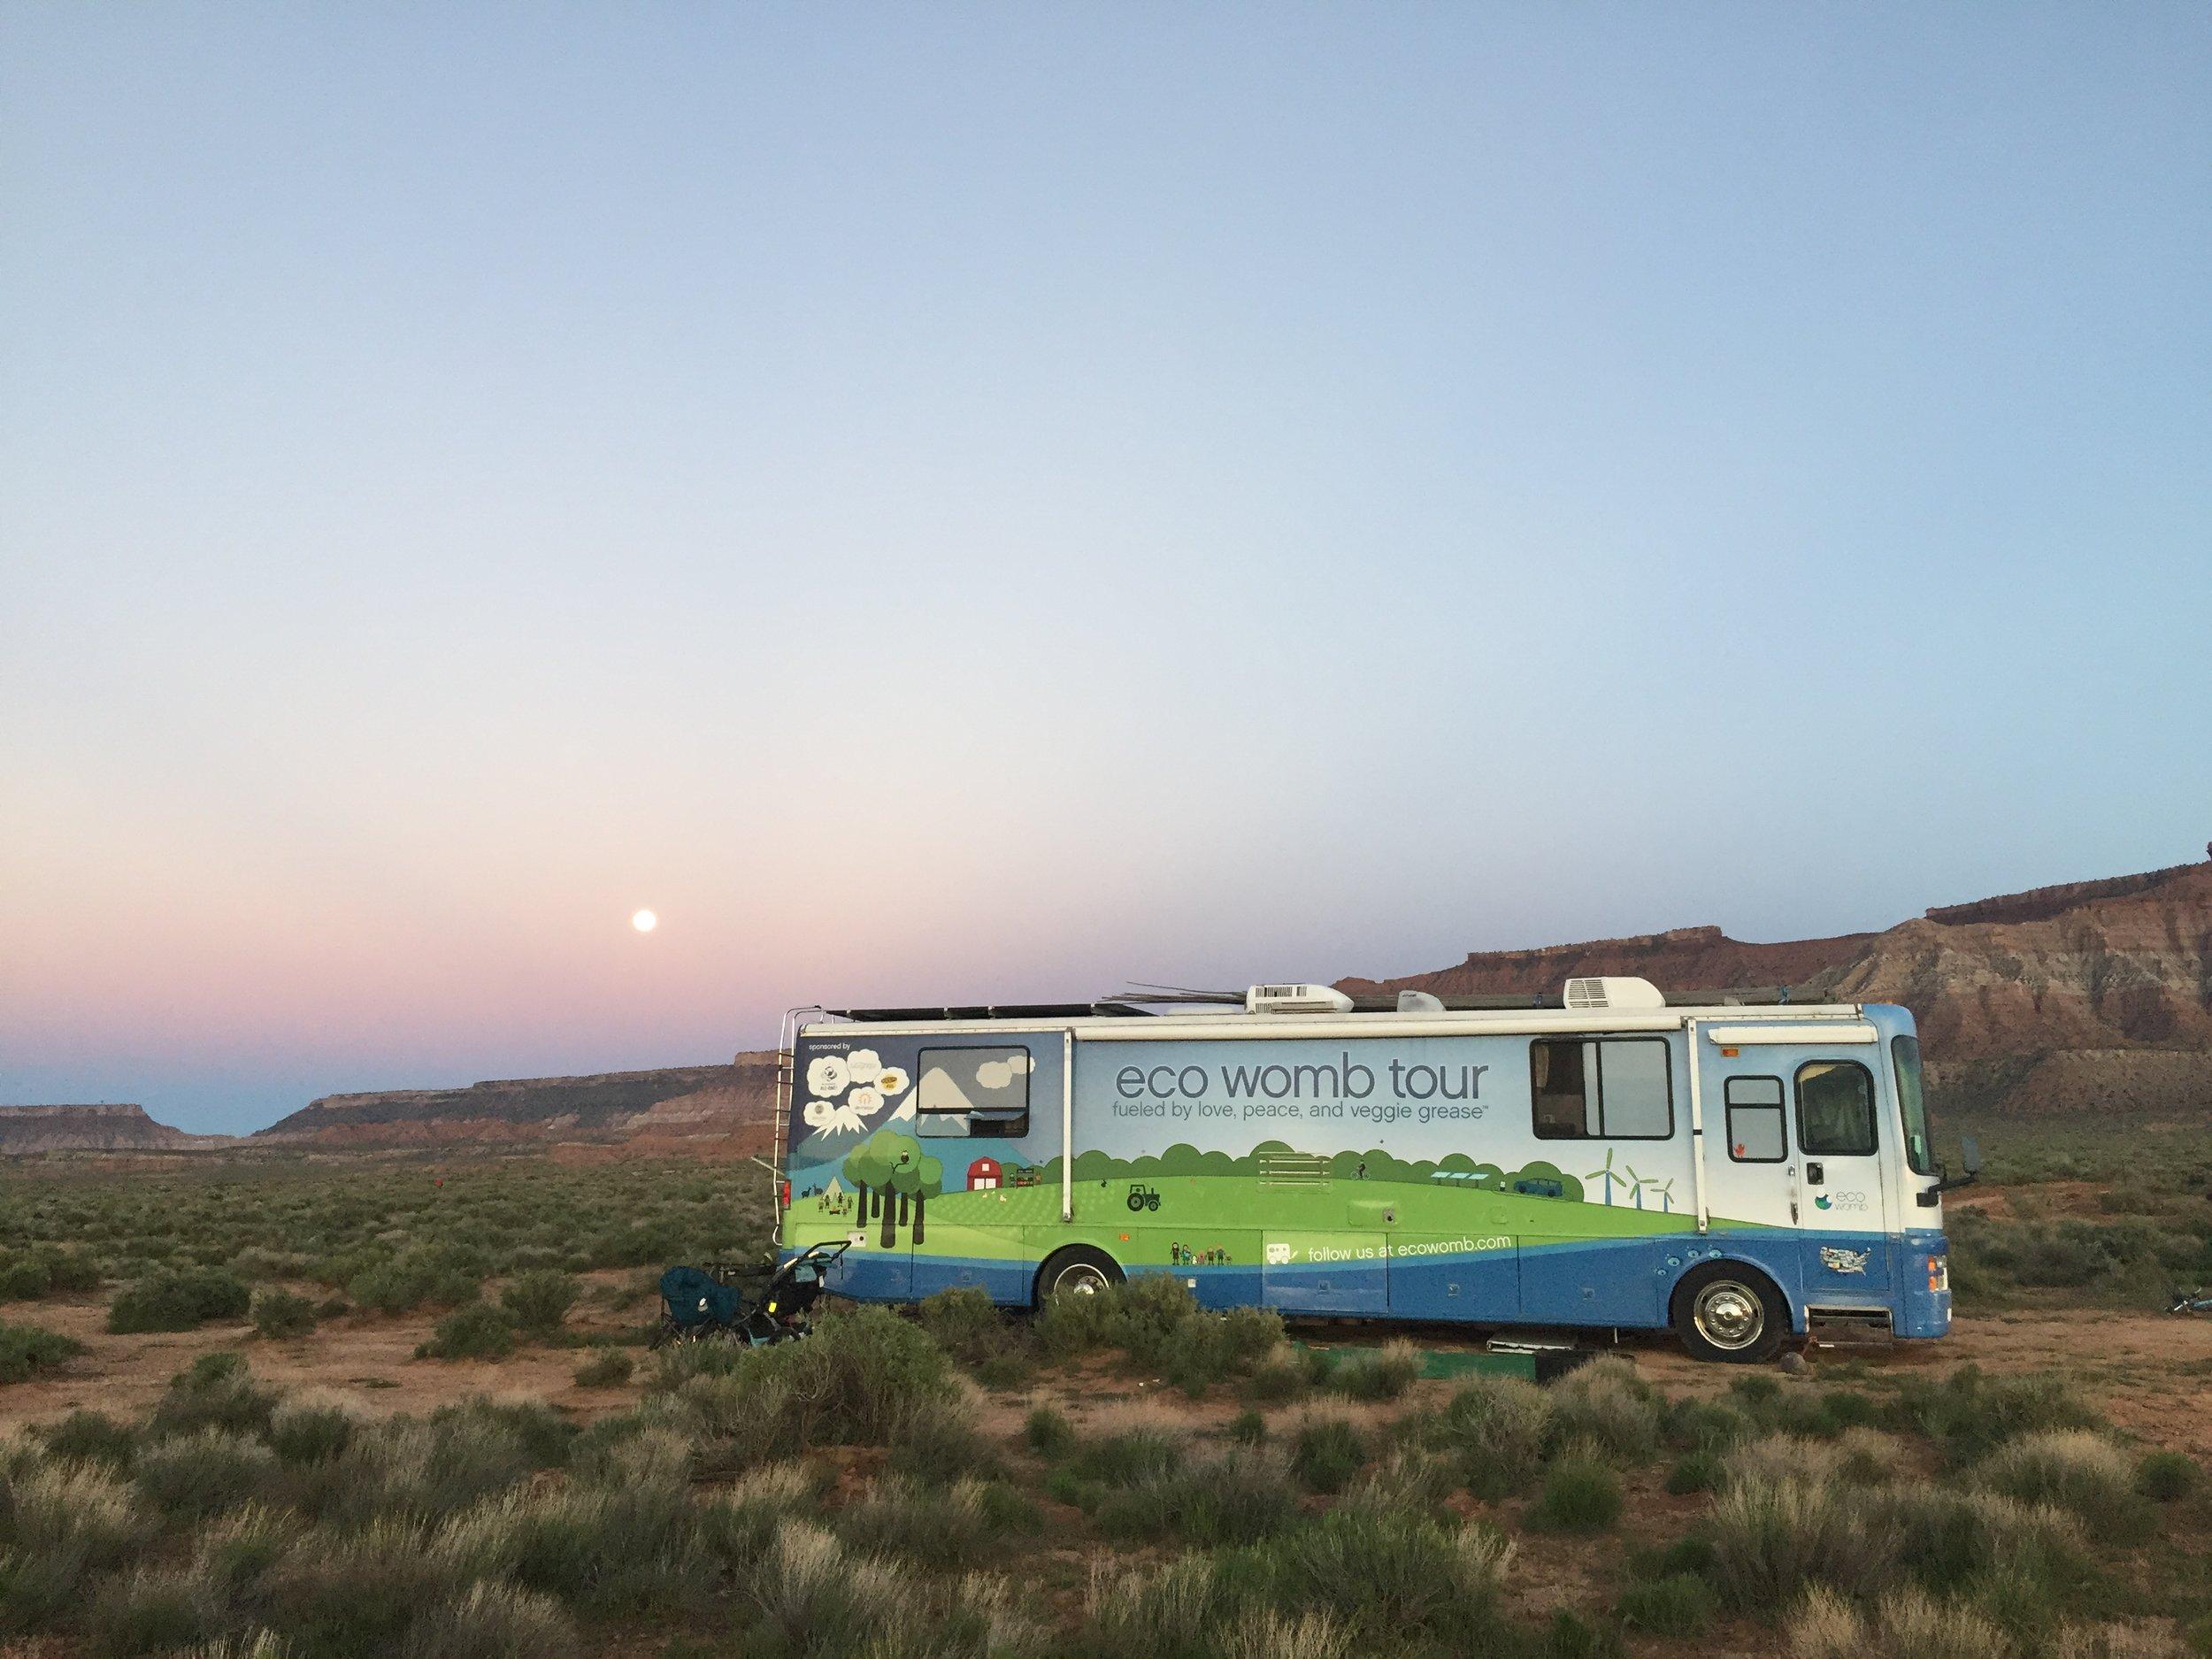 The full moon rises over the red rocks of Southwest Utah.